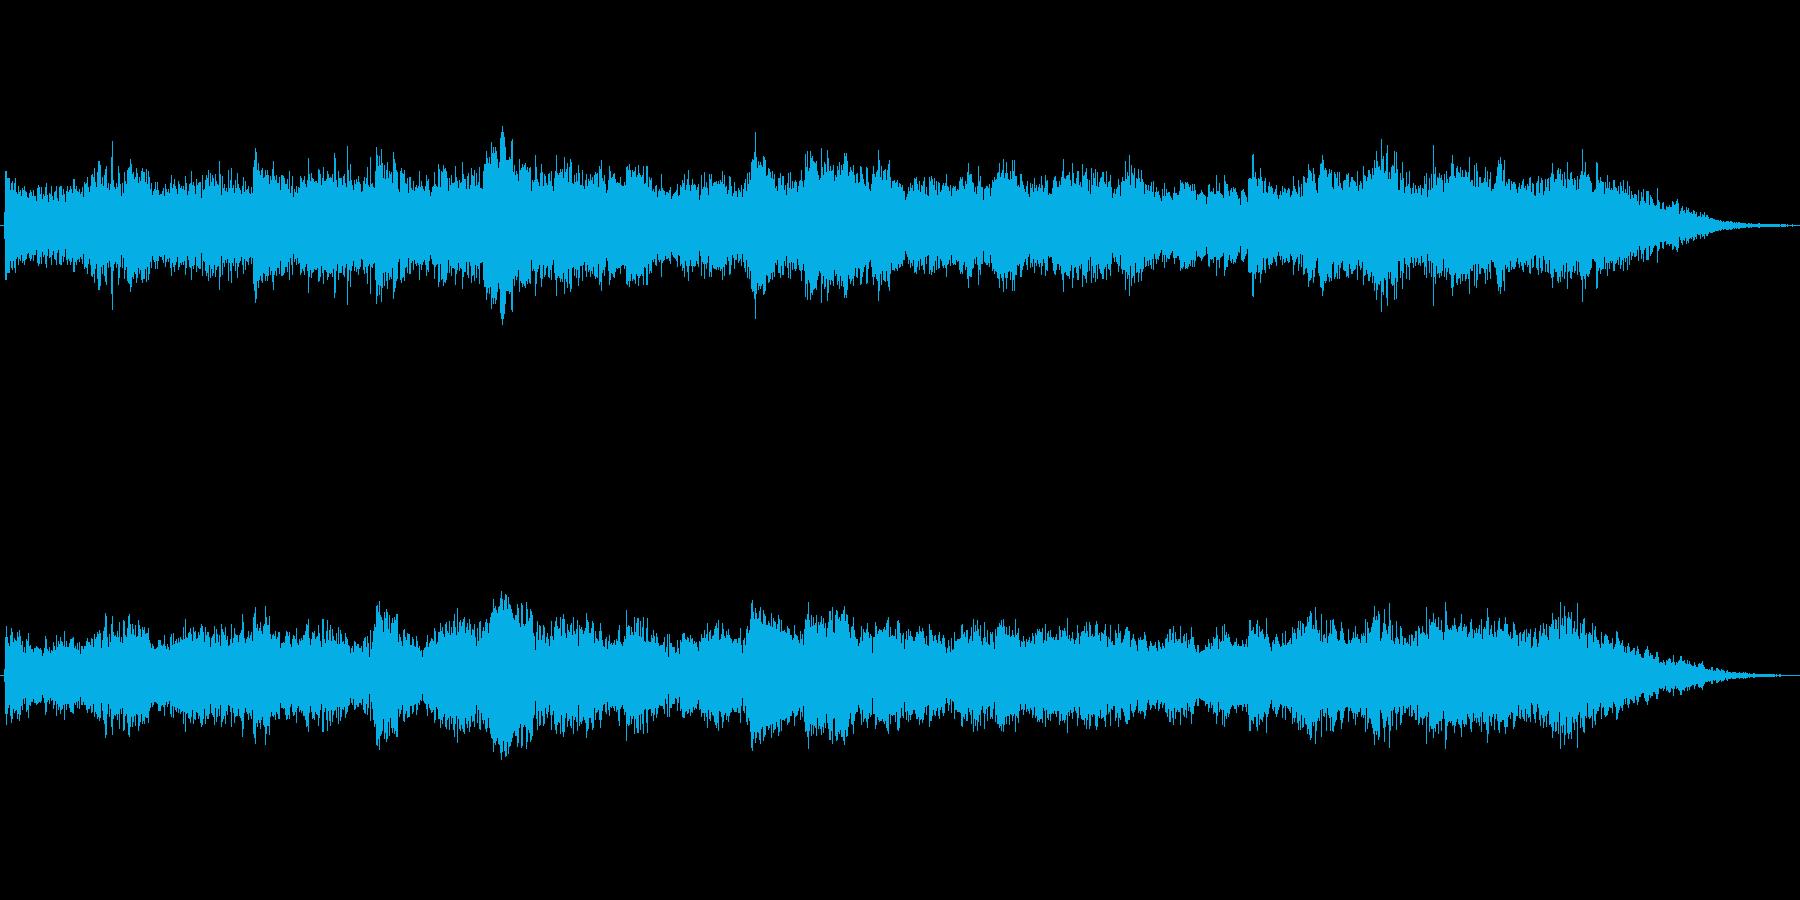 キラキラシンセのメルヘン世界のジングル3の再生済みの波形